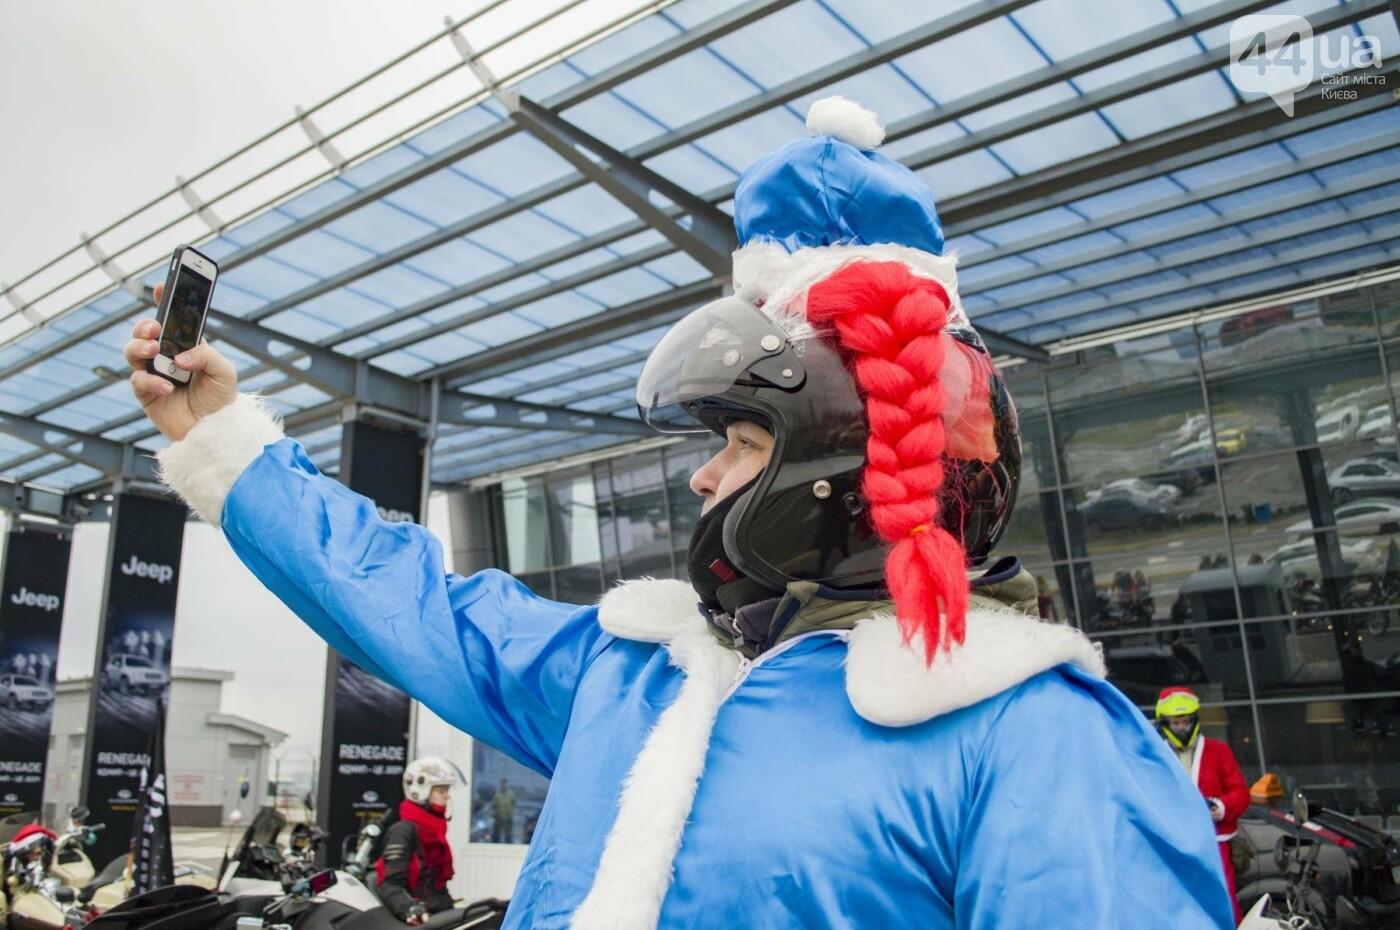 В Киеве брутальные байкеры в костюмах Санта-Клаусов устроили масштабный мотопробег (ФОТО), фото-6